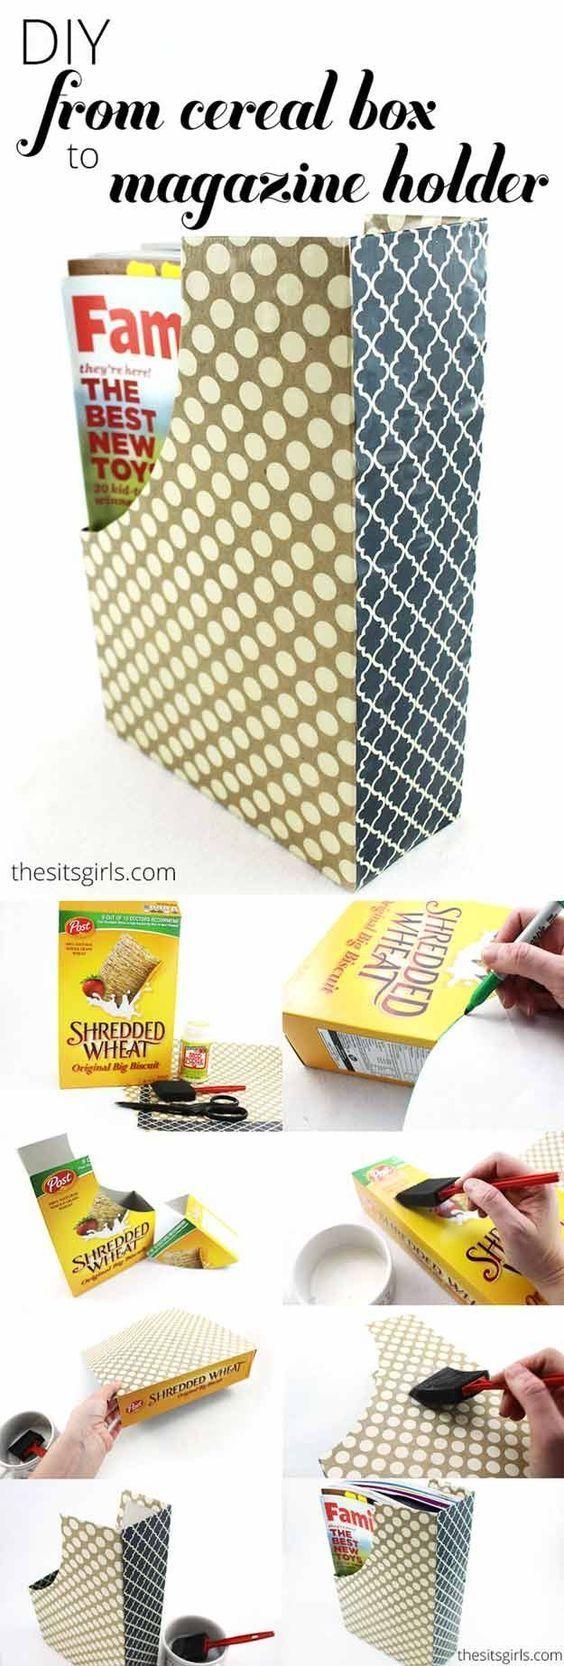 Göra tidskriftssamlare av cornflakespaket